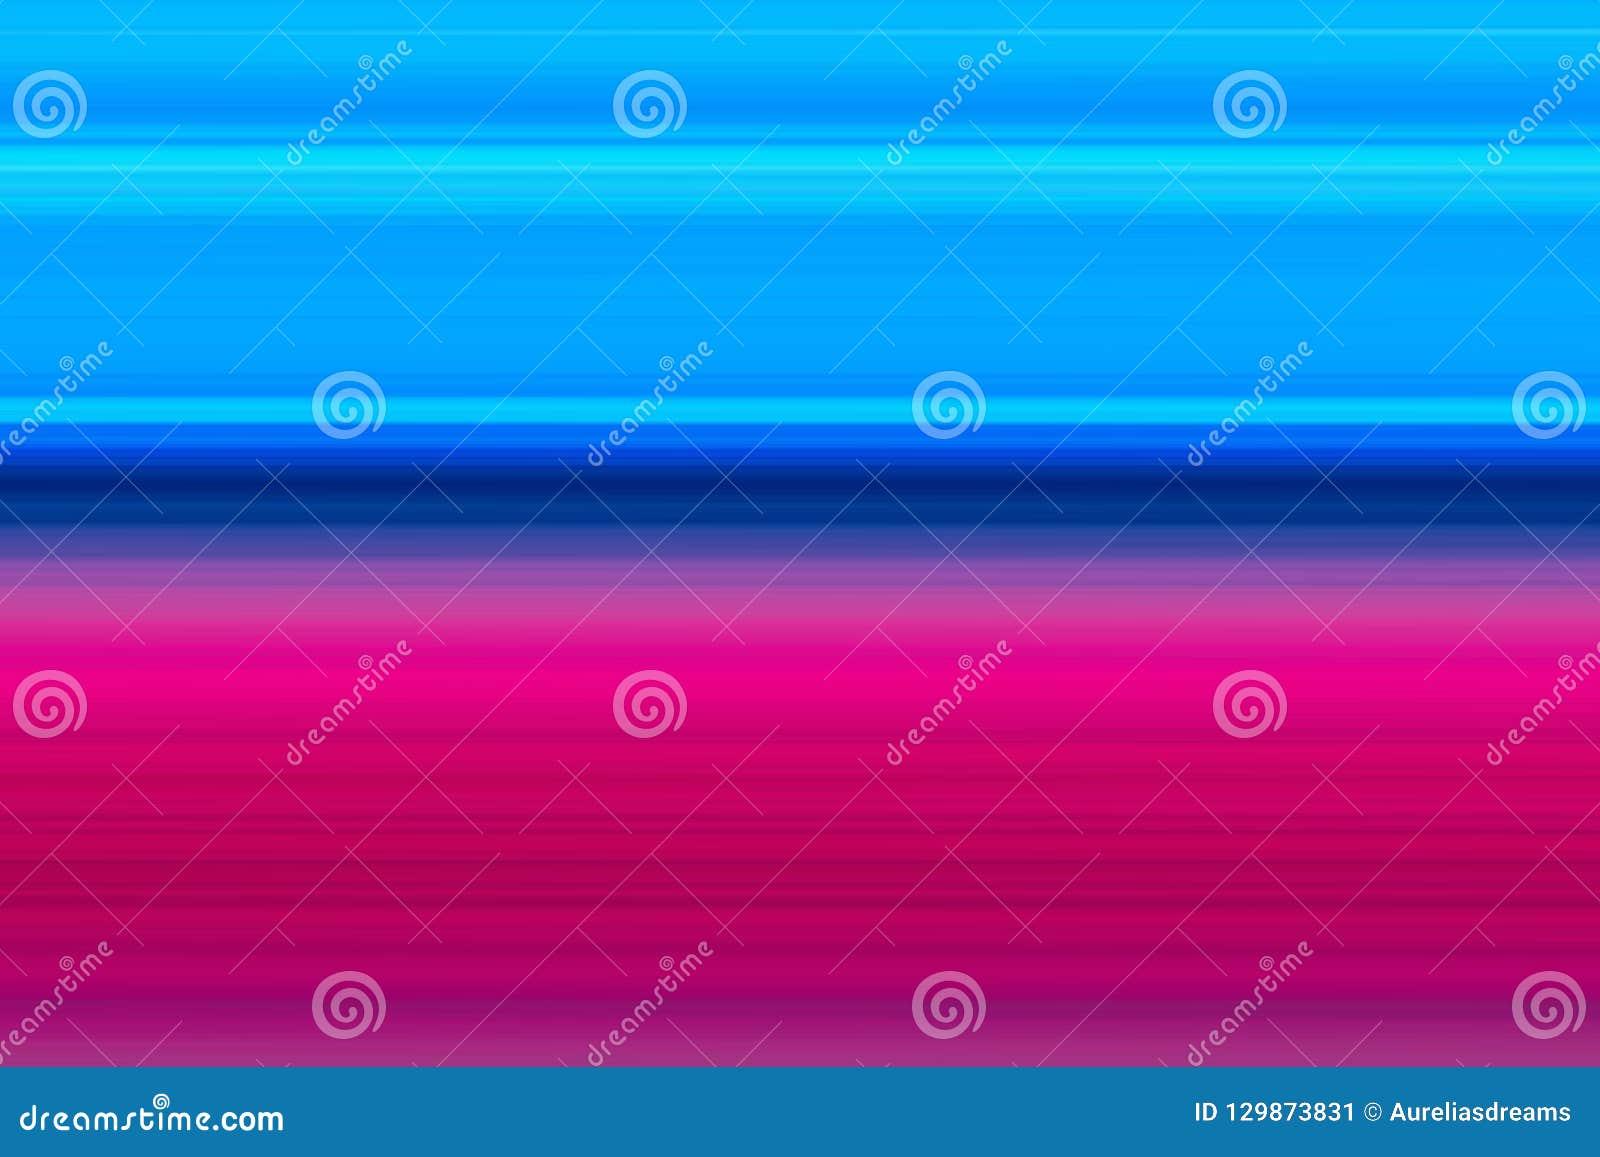 Olorful abstrakta ljusa horisontallinjer bakgrund, textur för Ð-¡ i sommarsignaler